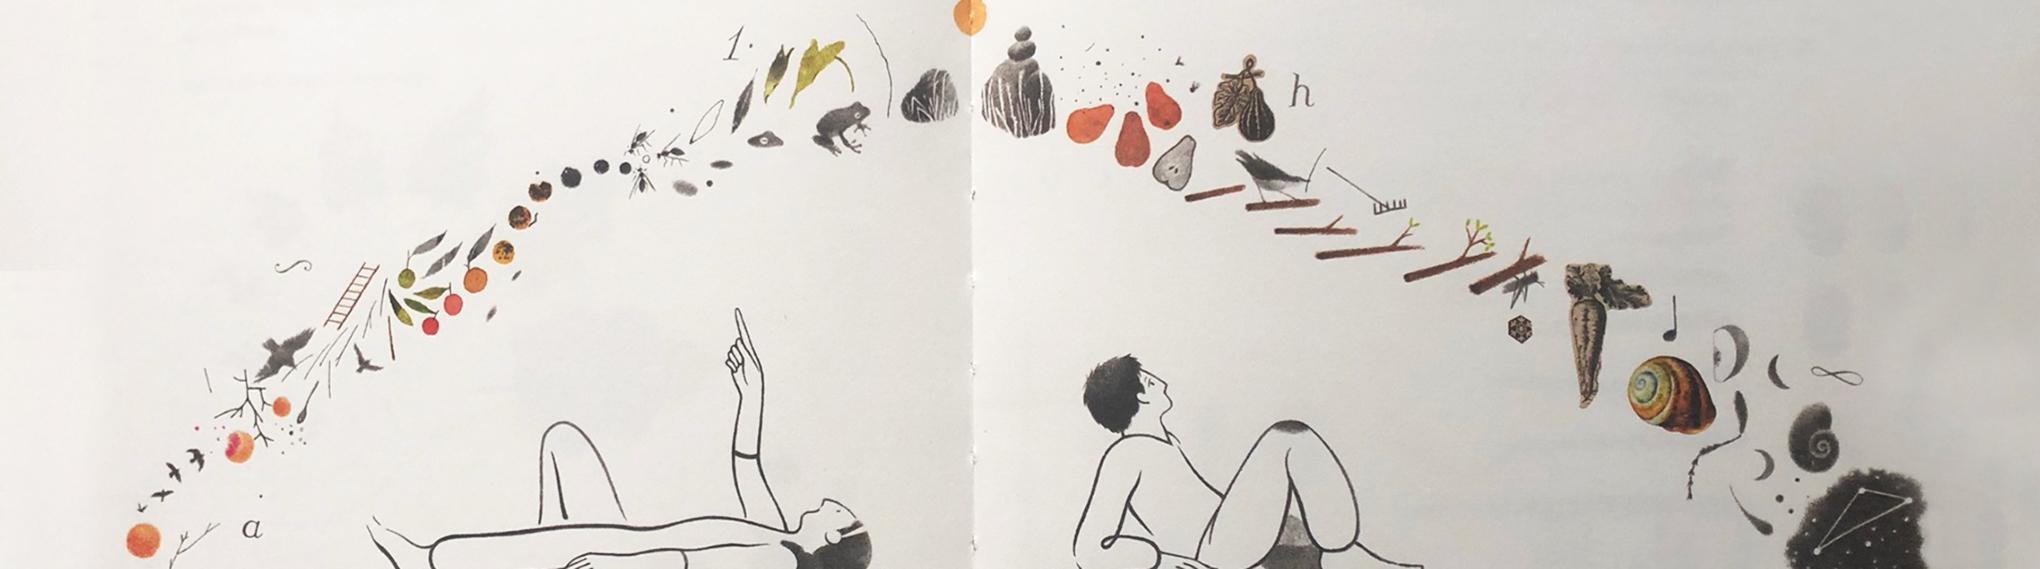 Leamos Mil tomates y una rana - A Buen Paso